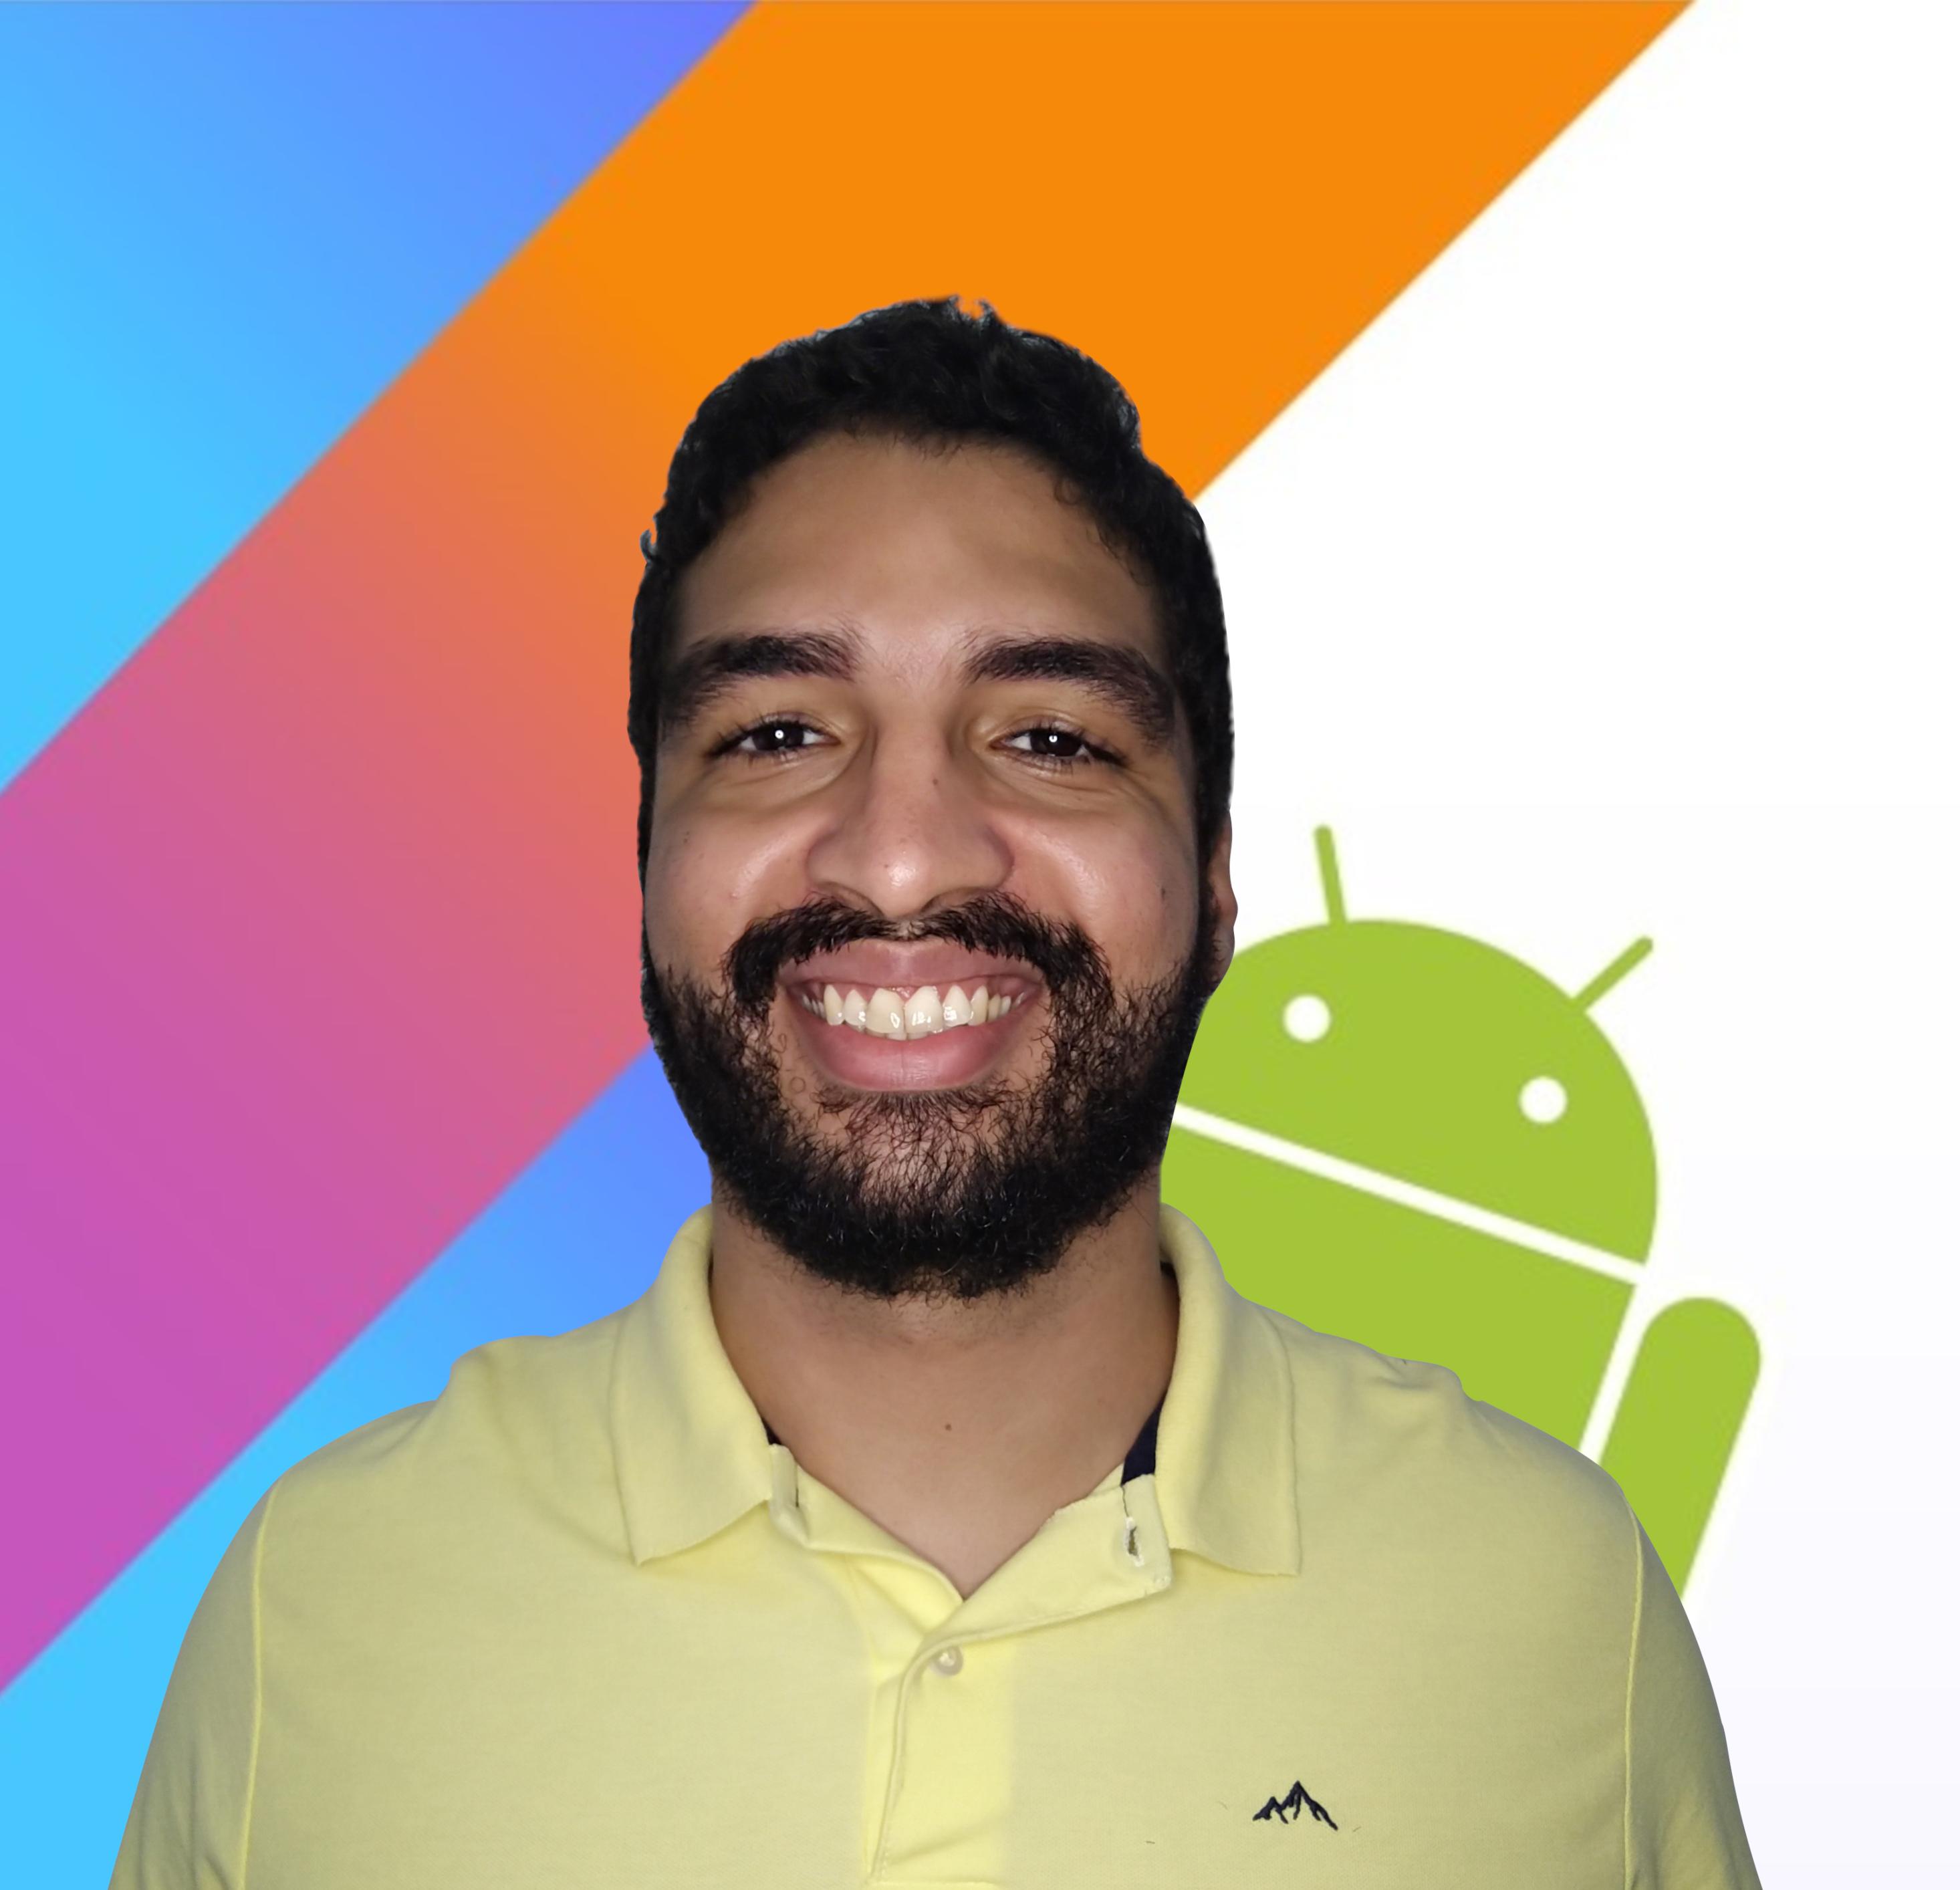 Luís Amorim